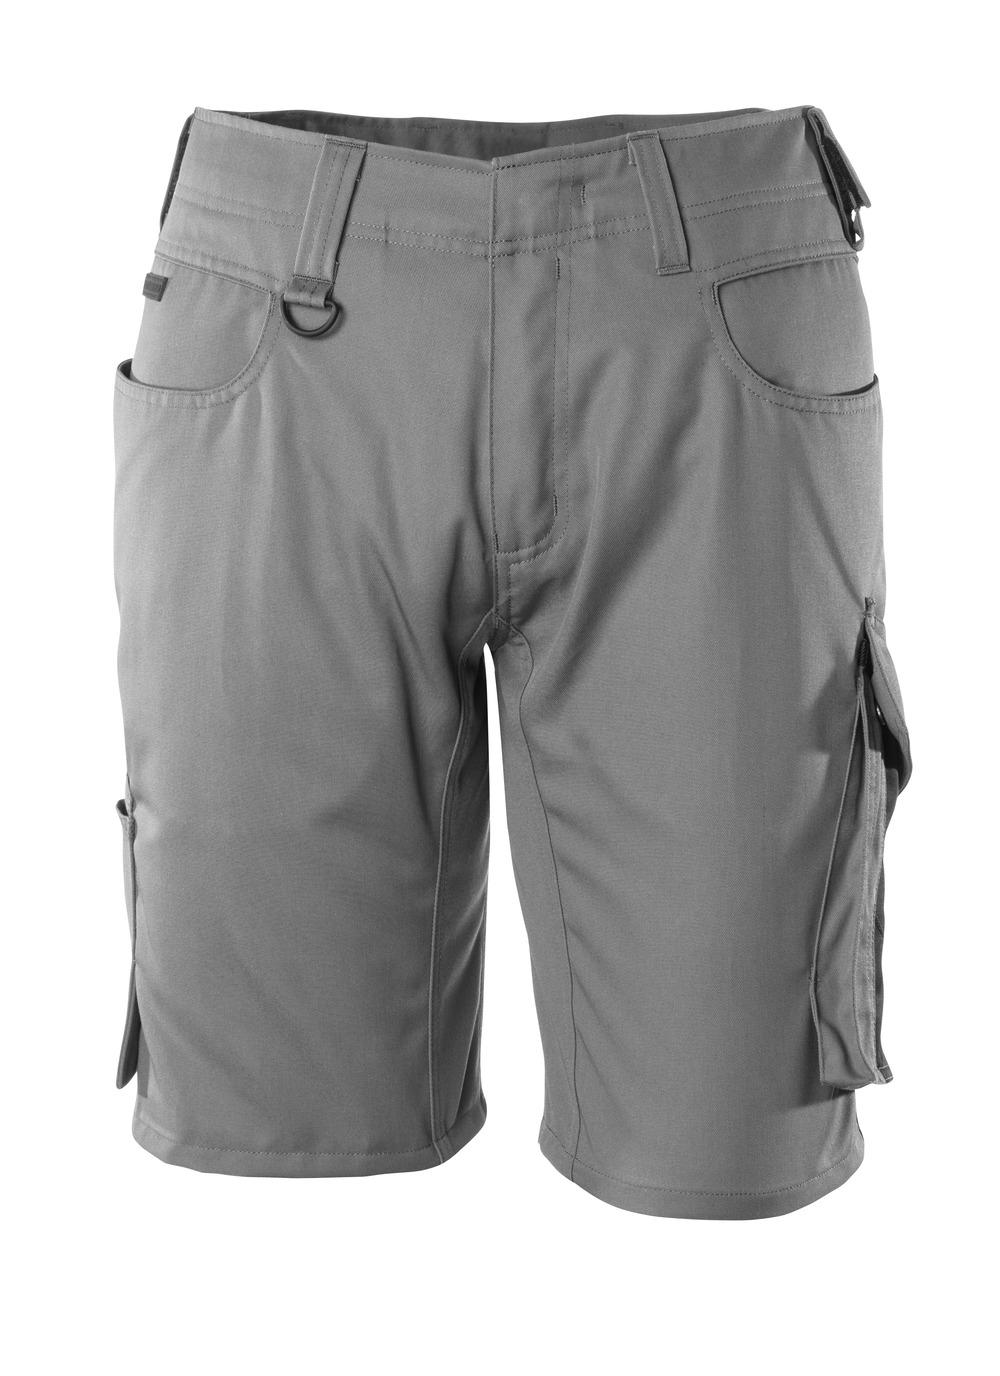 12049-442-88809 Shorts - antraciet/zwart